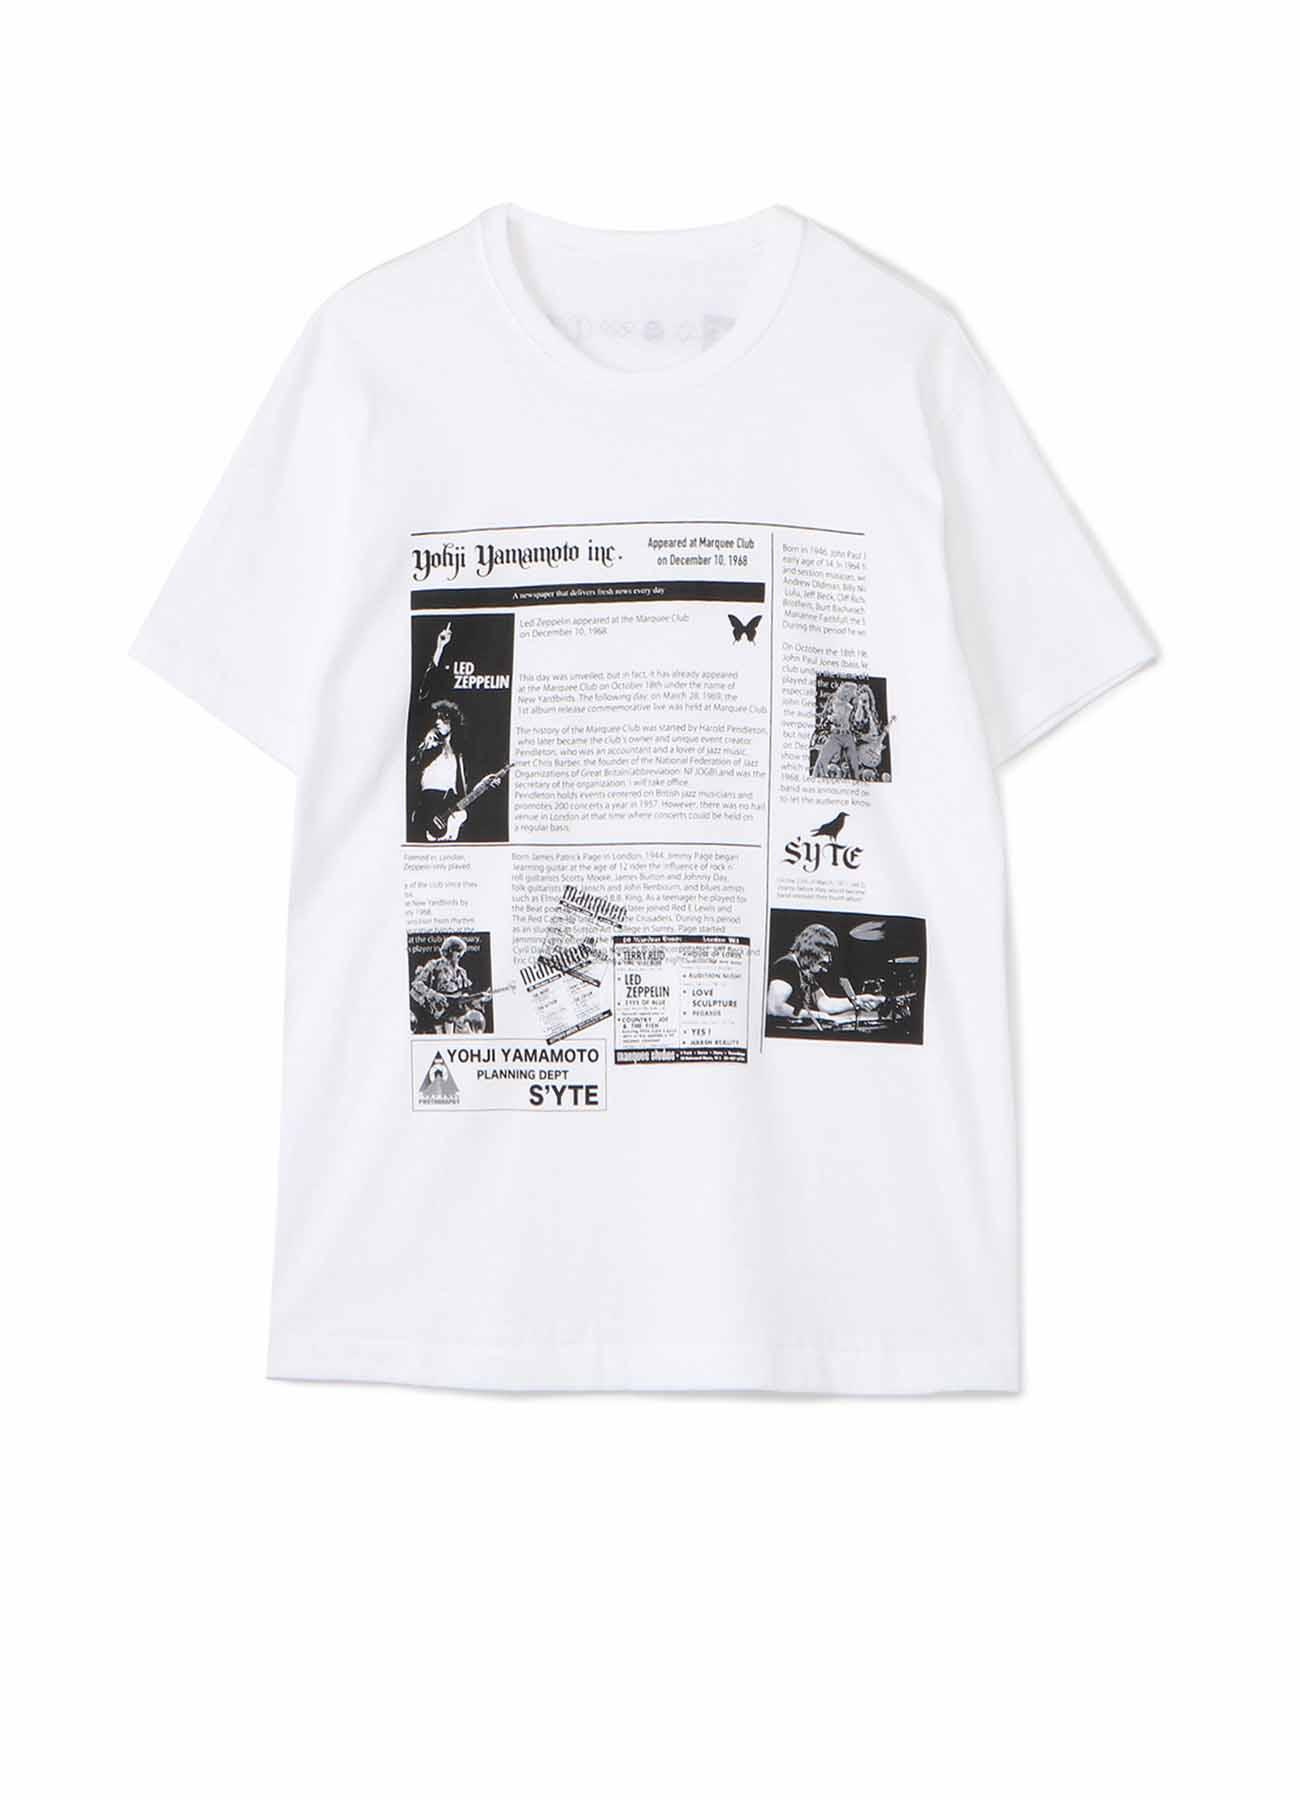 S'YTE × Dick Barnatt / Led Zeppelin T-shirt